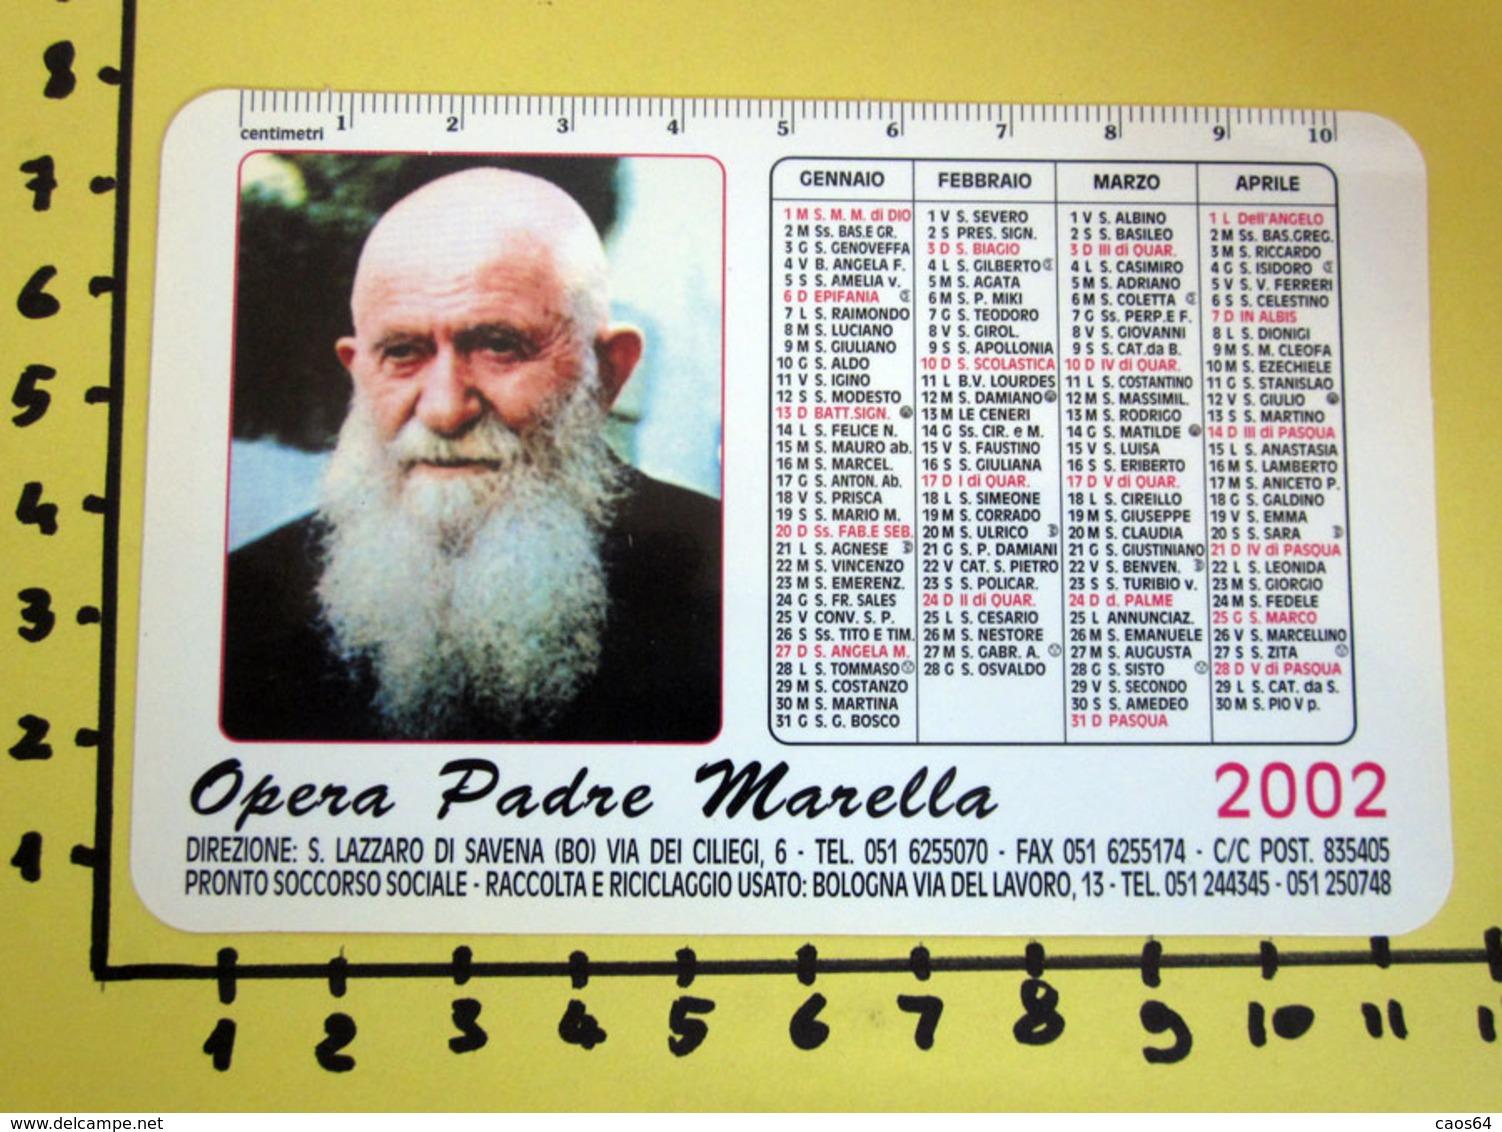 OPERA PADRE MARELLA 2002  CALENDARIO TASCABILE PLASTIFICATO - Big : 2001-...